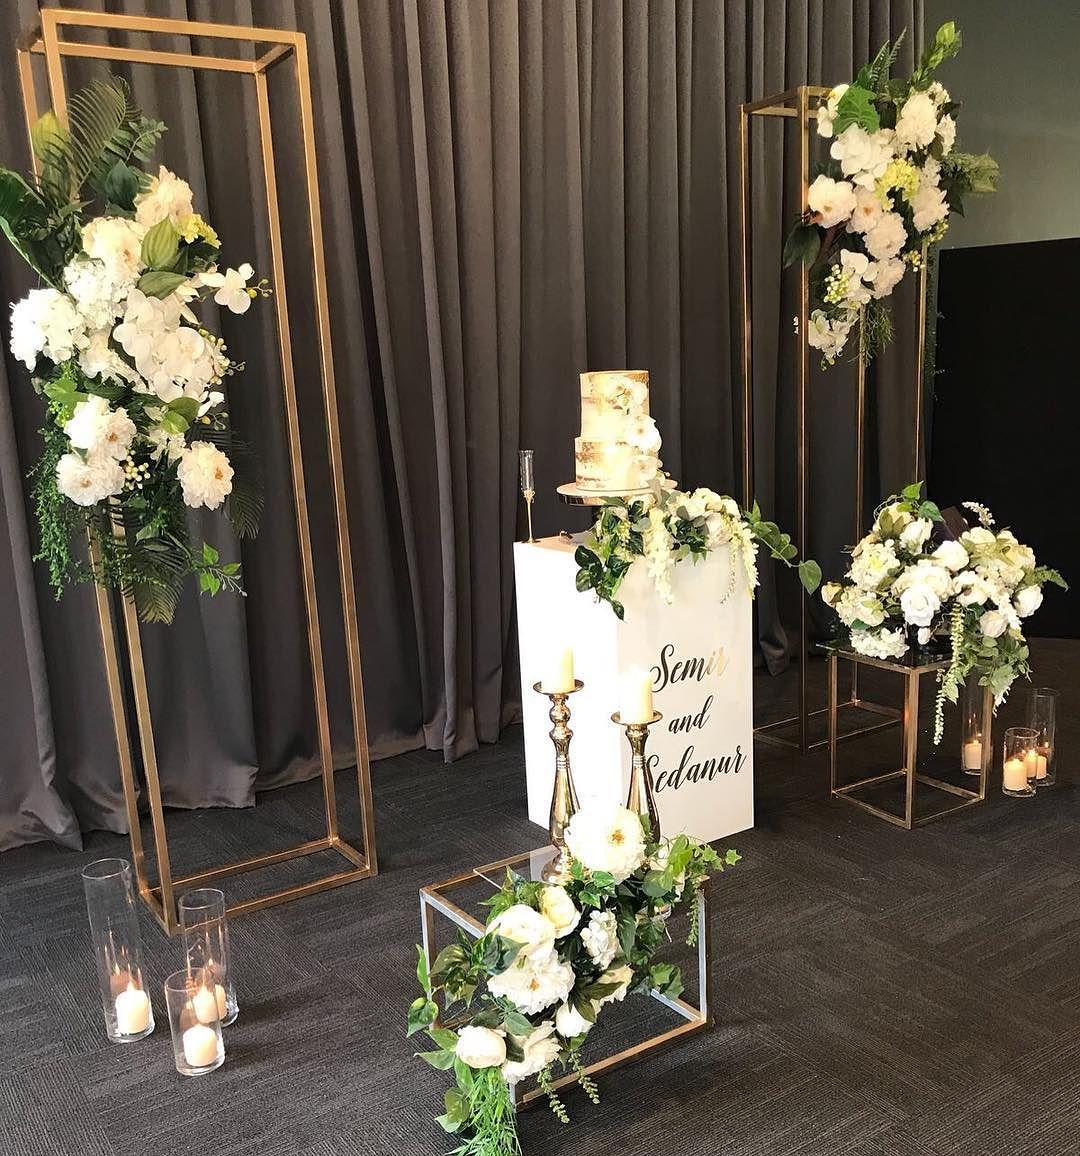 ideas para decorar con velas una fiesta o boda (8)